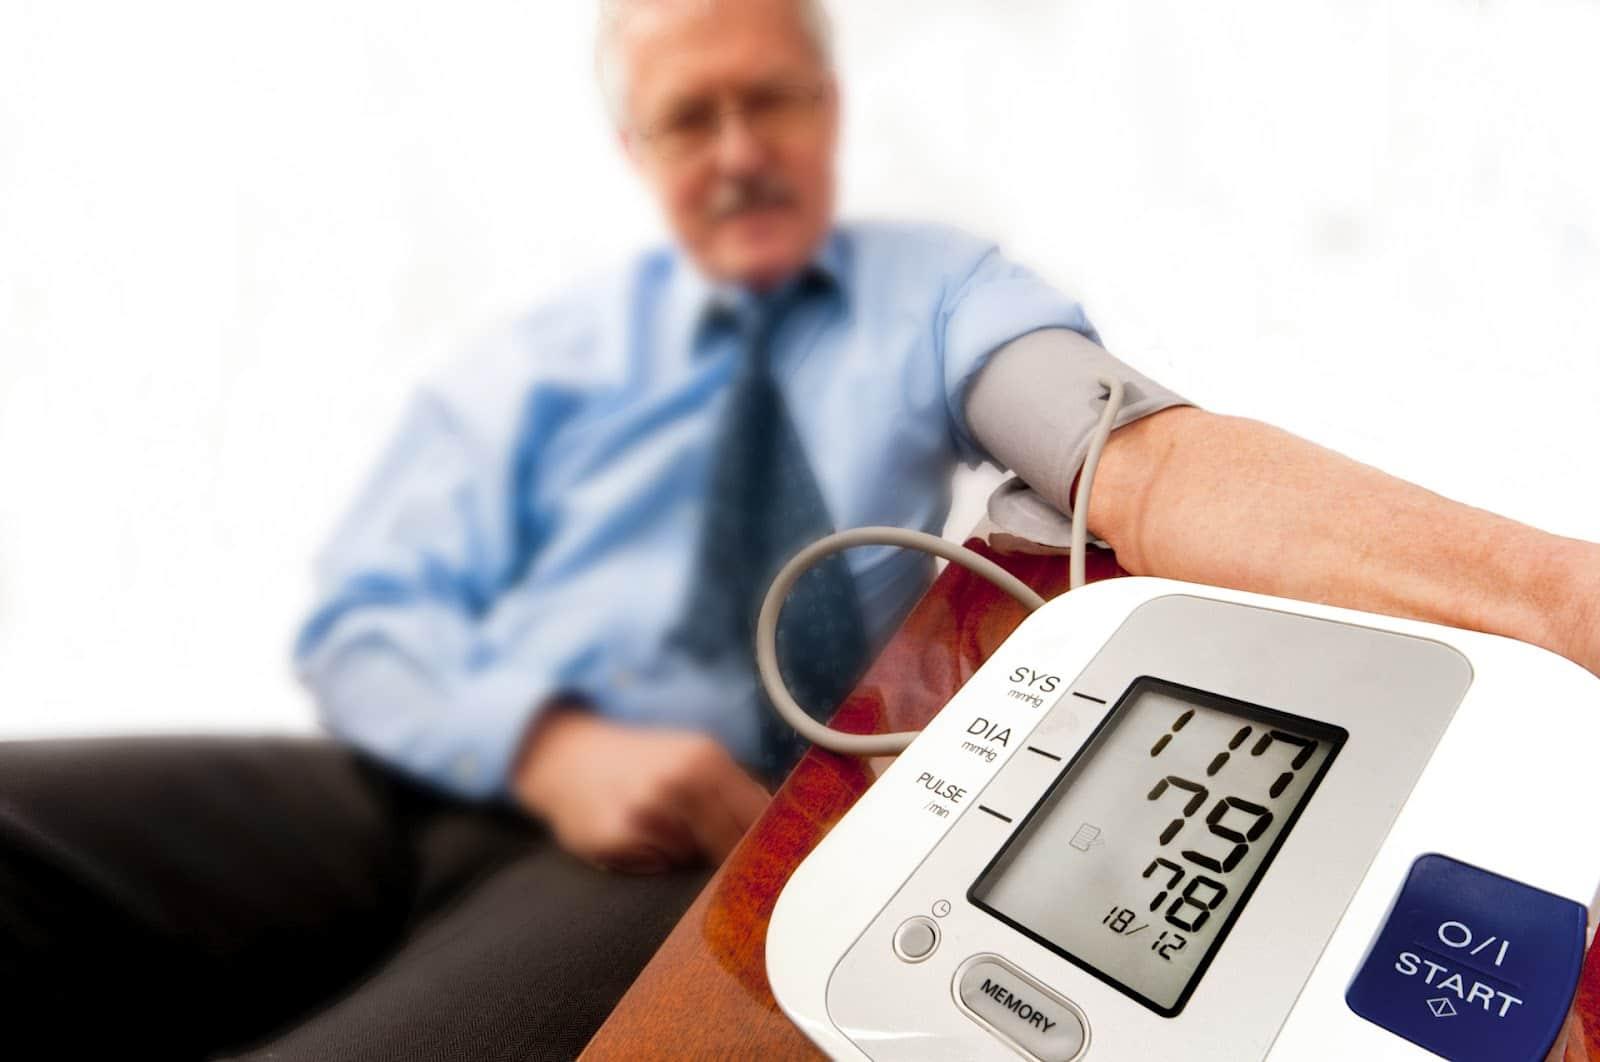 Atskleidė 4 būdus, padedančius įveikti žemą kraujospūdį - LRT